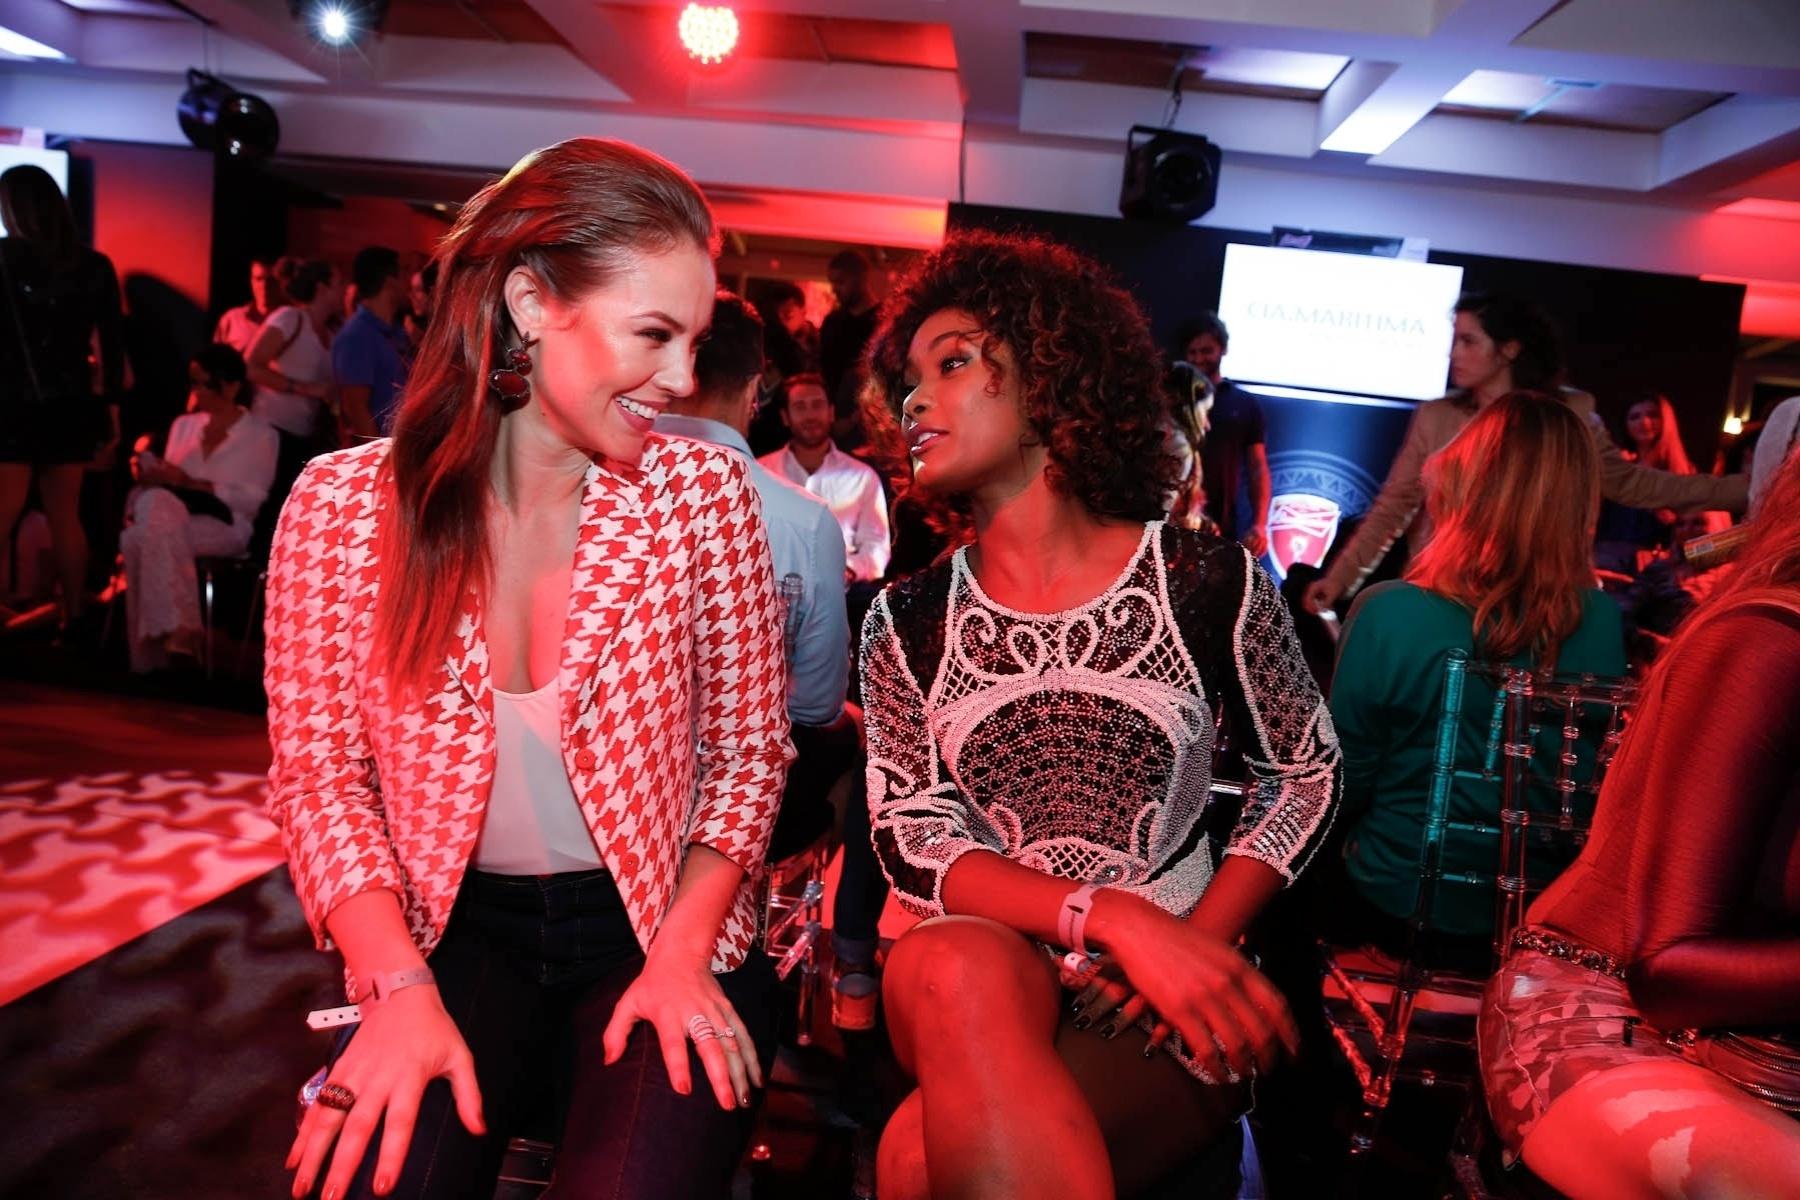 11.jul.2014 - Paolla Oliveira e Erika Januza prestigiaram o desfile da grife Cia Marítima realizado em um hotel na zona sul do Rio